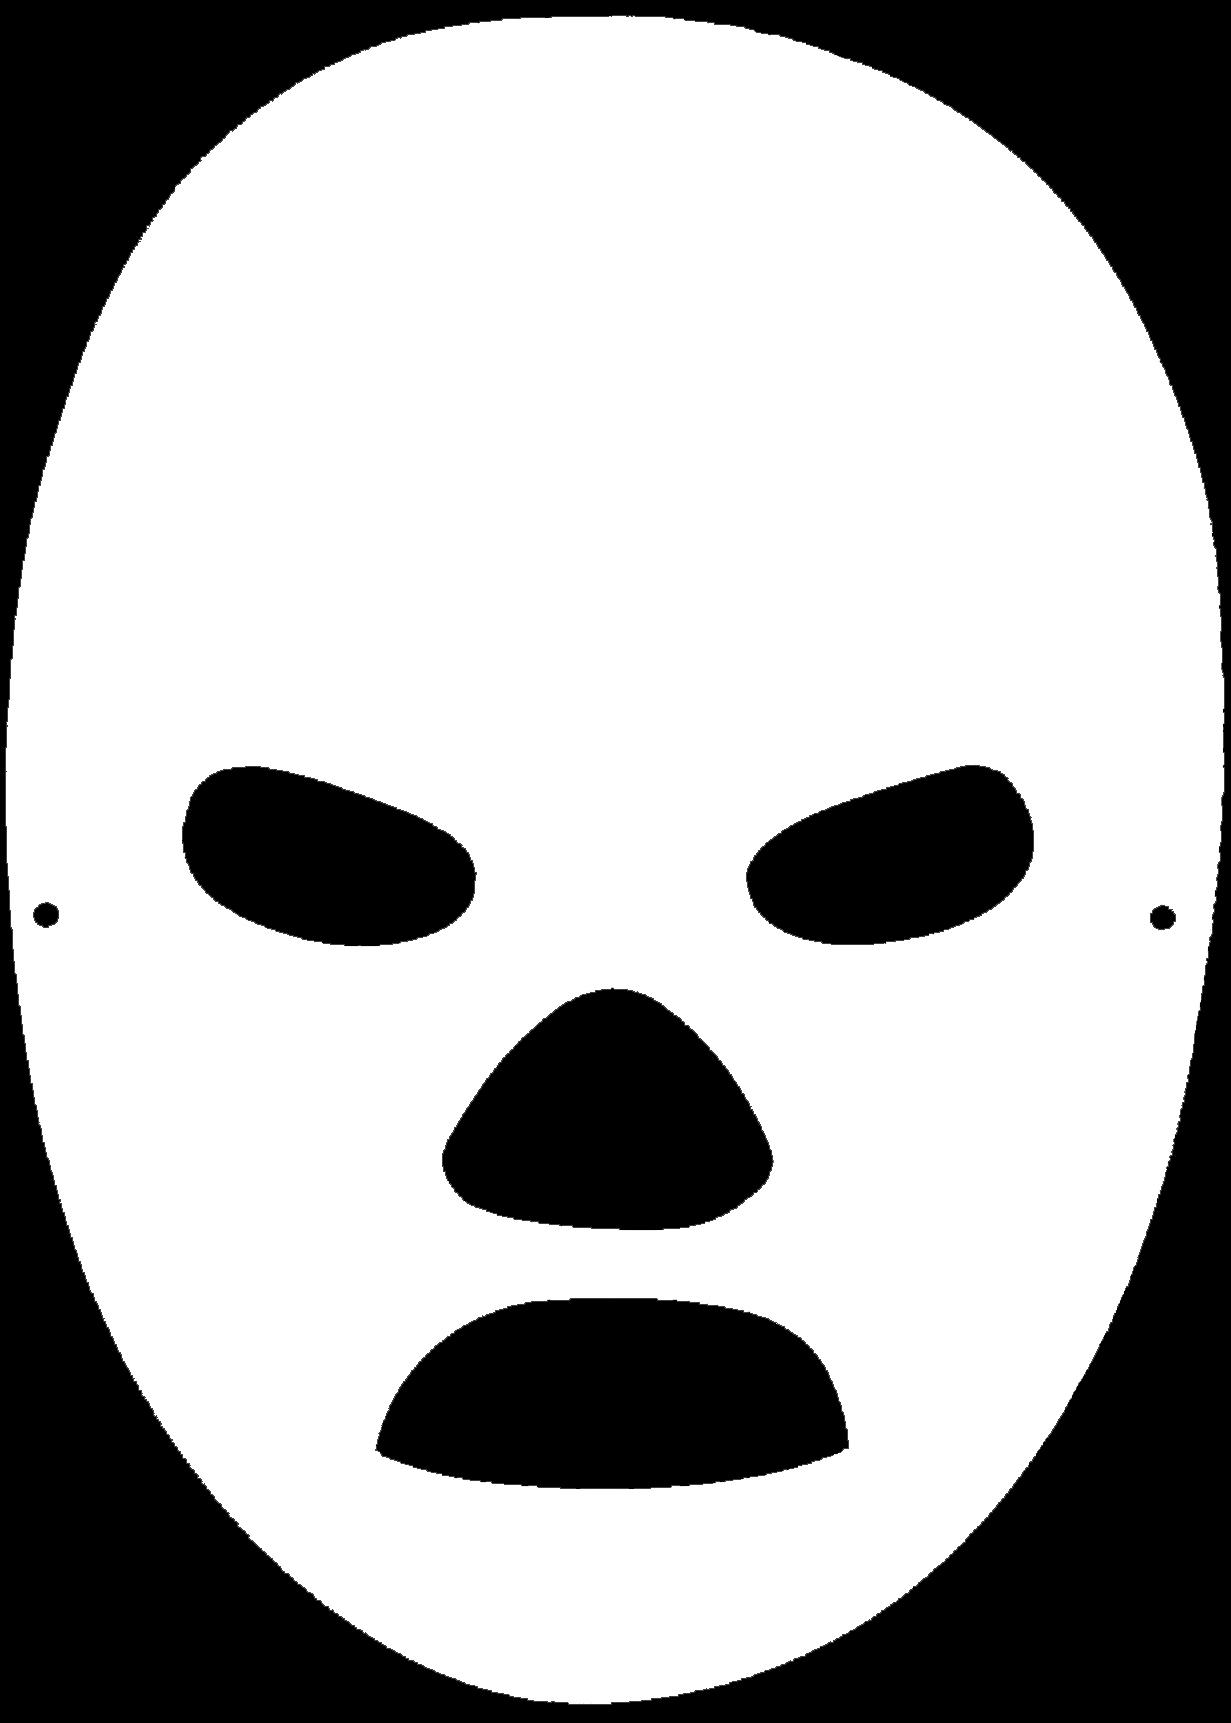 mask blank by stvnhthr on DeviantArt